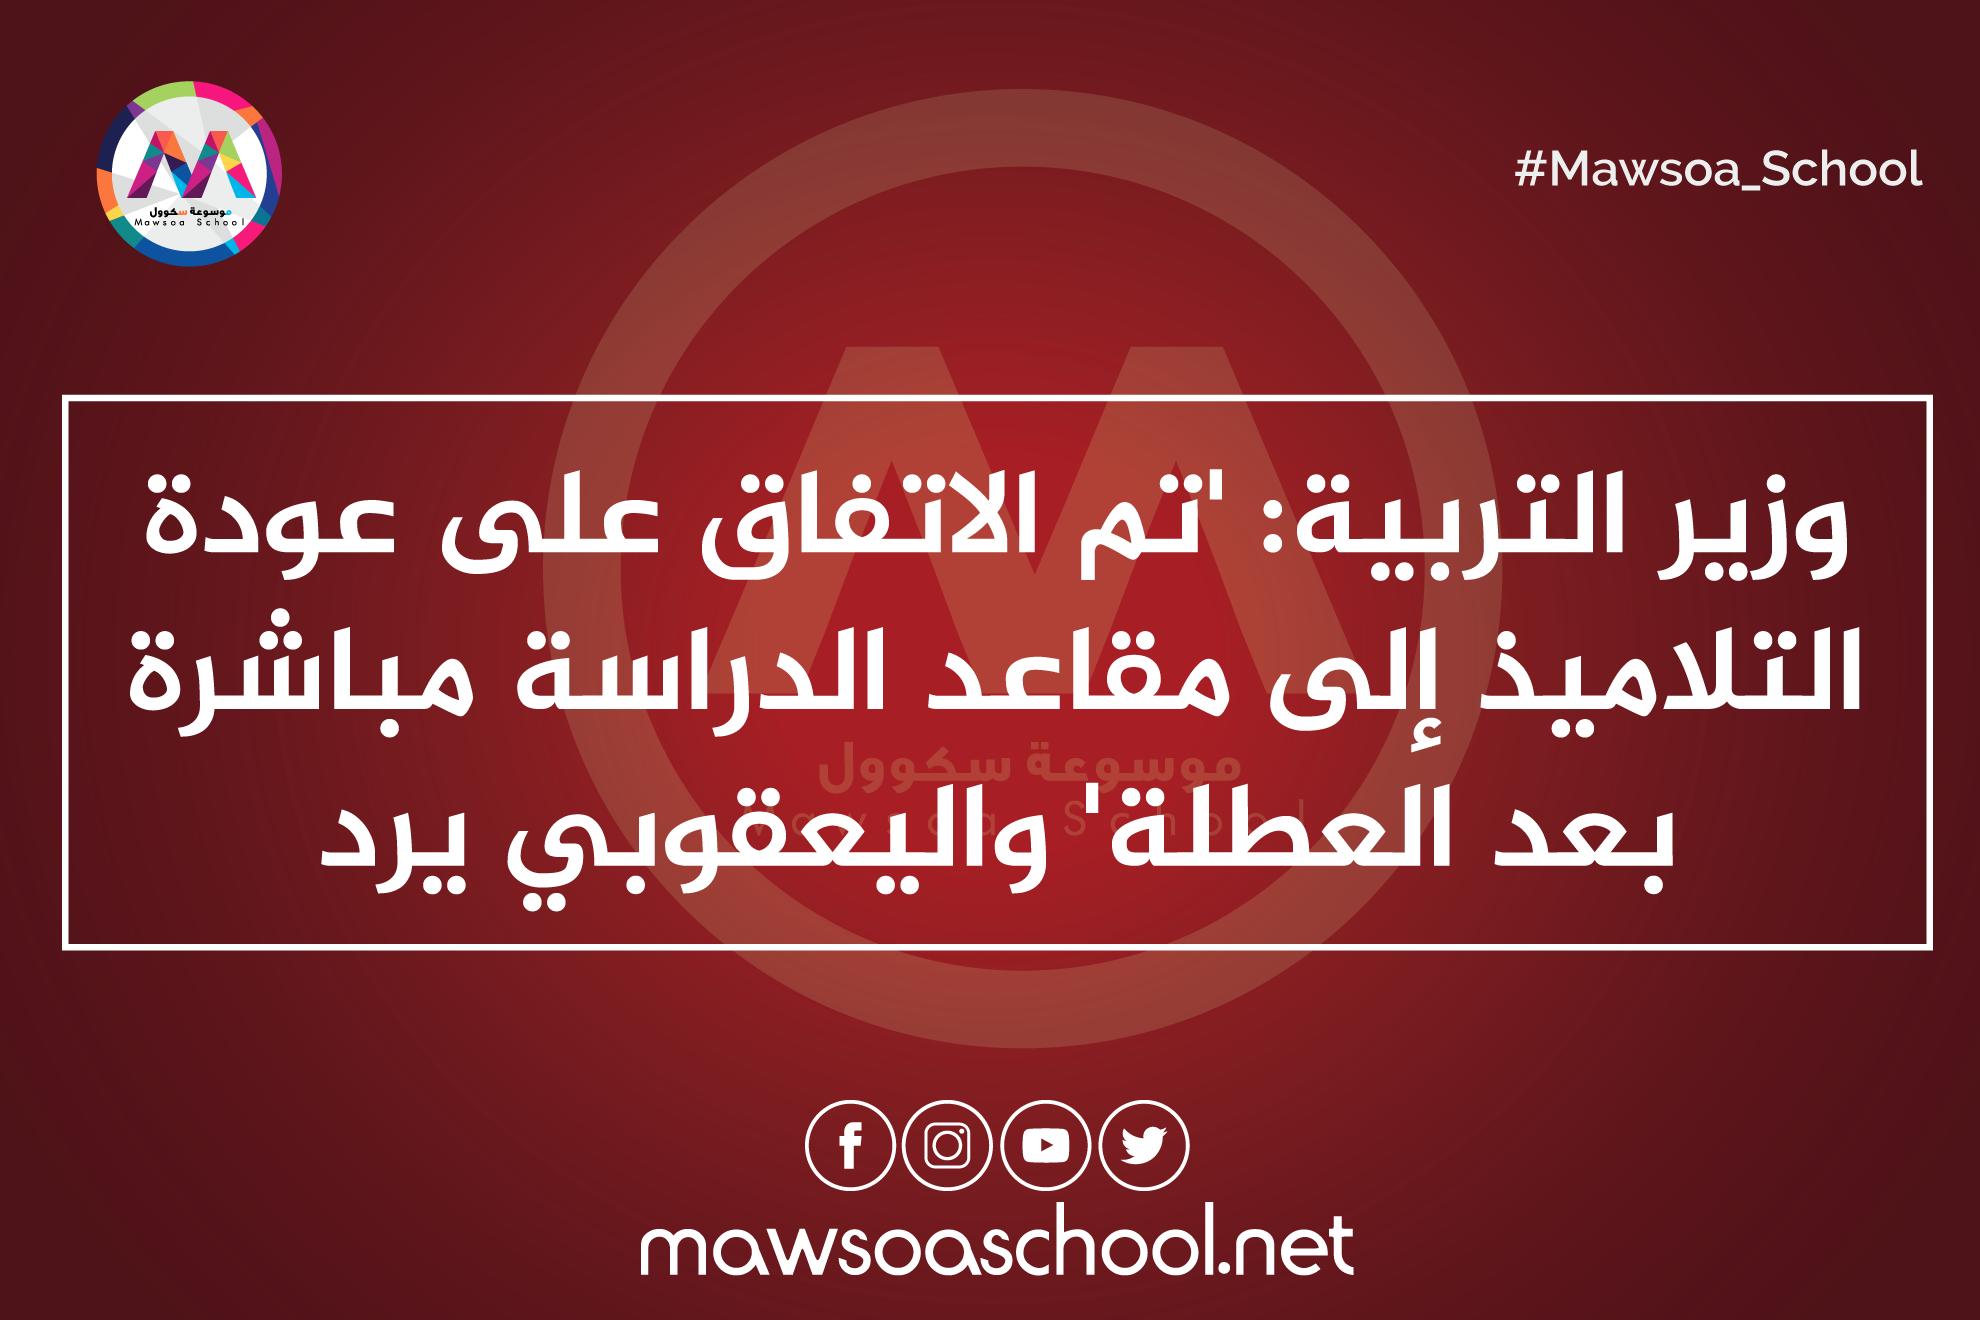 وزير التربية: 'تم الاتفاق على عودة التلاميذ إلى مقاعد الدراسة مباشرة بعد العطلة' واليعقوبي يرد